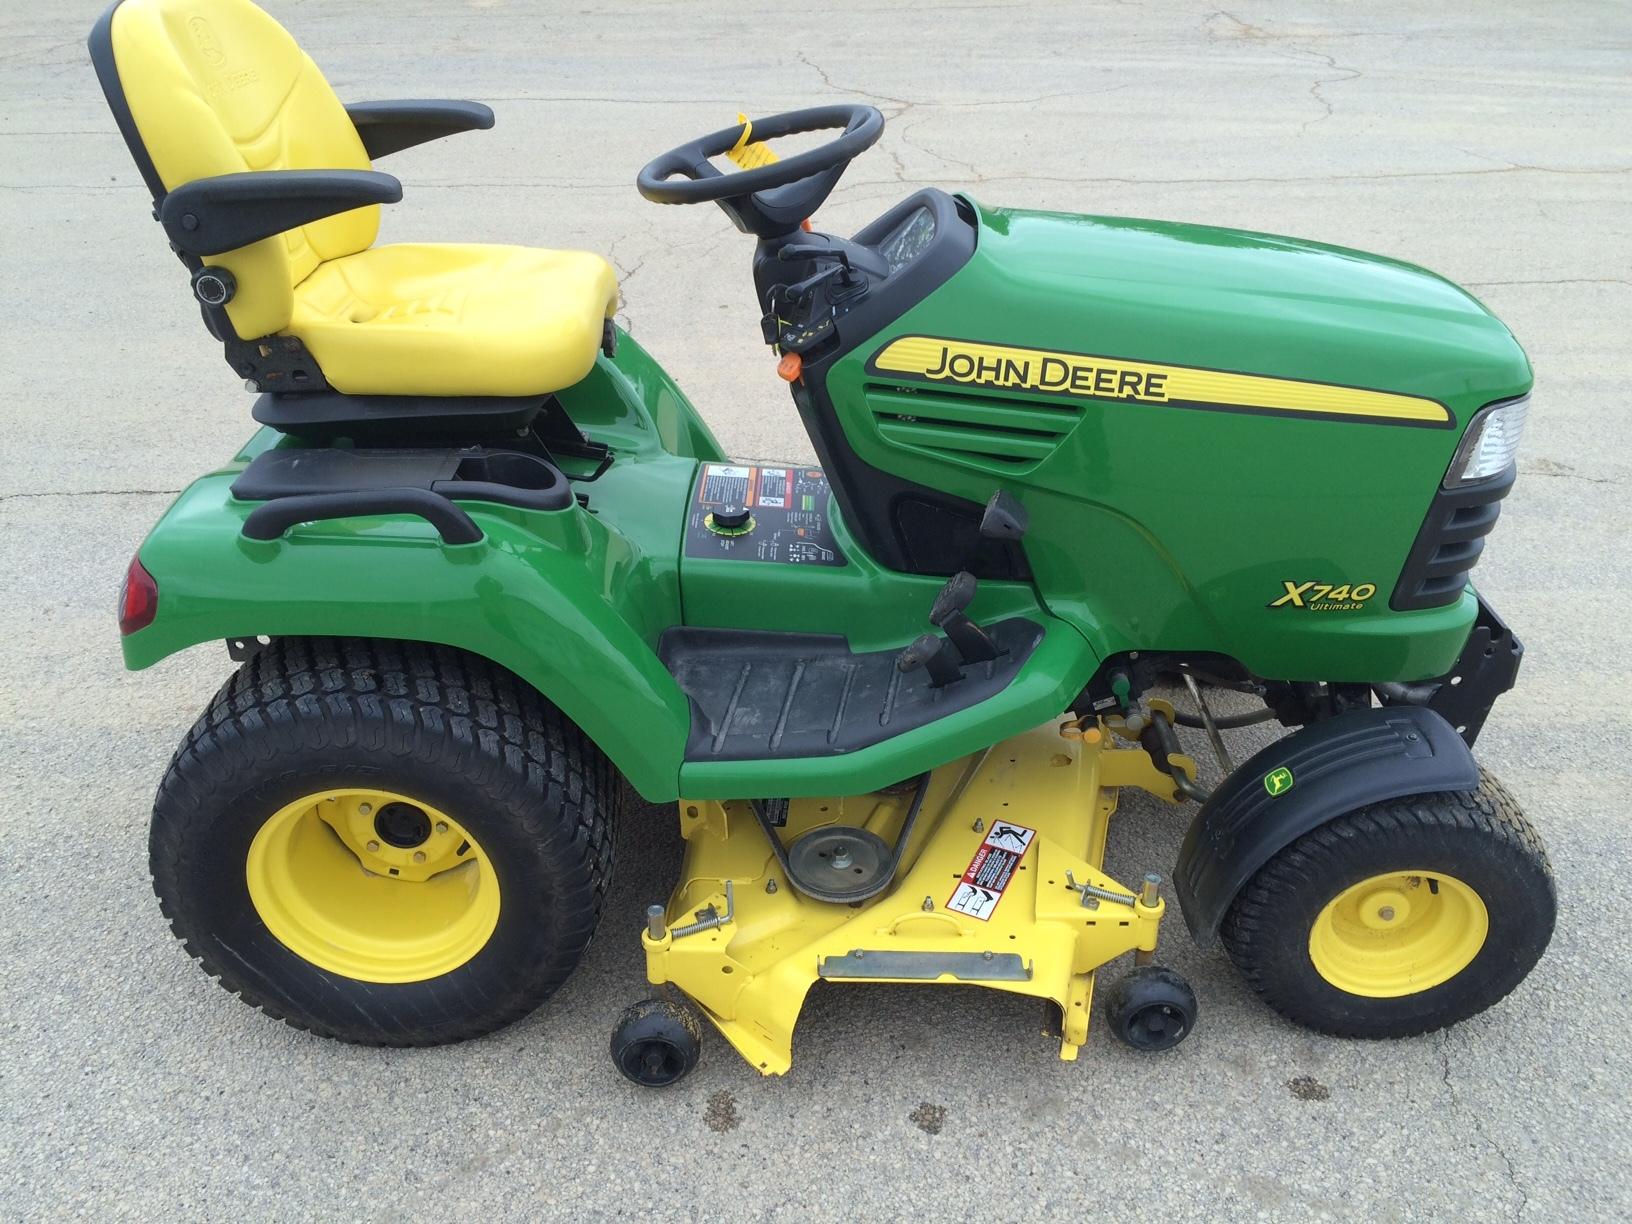 John Deere X740 Lawn Garden Tractors For Sale 55061